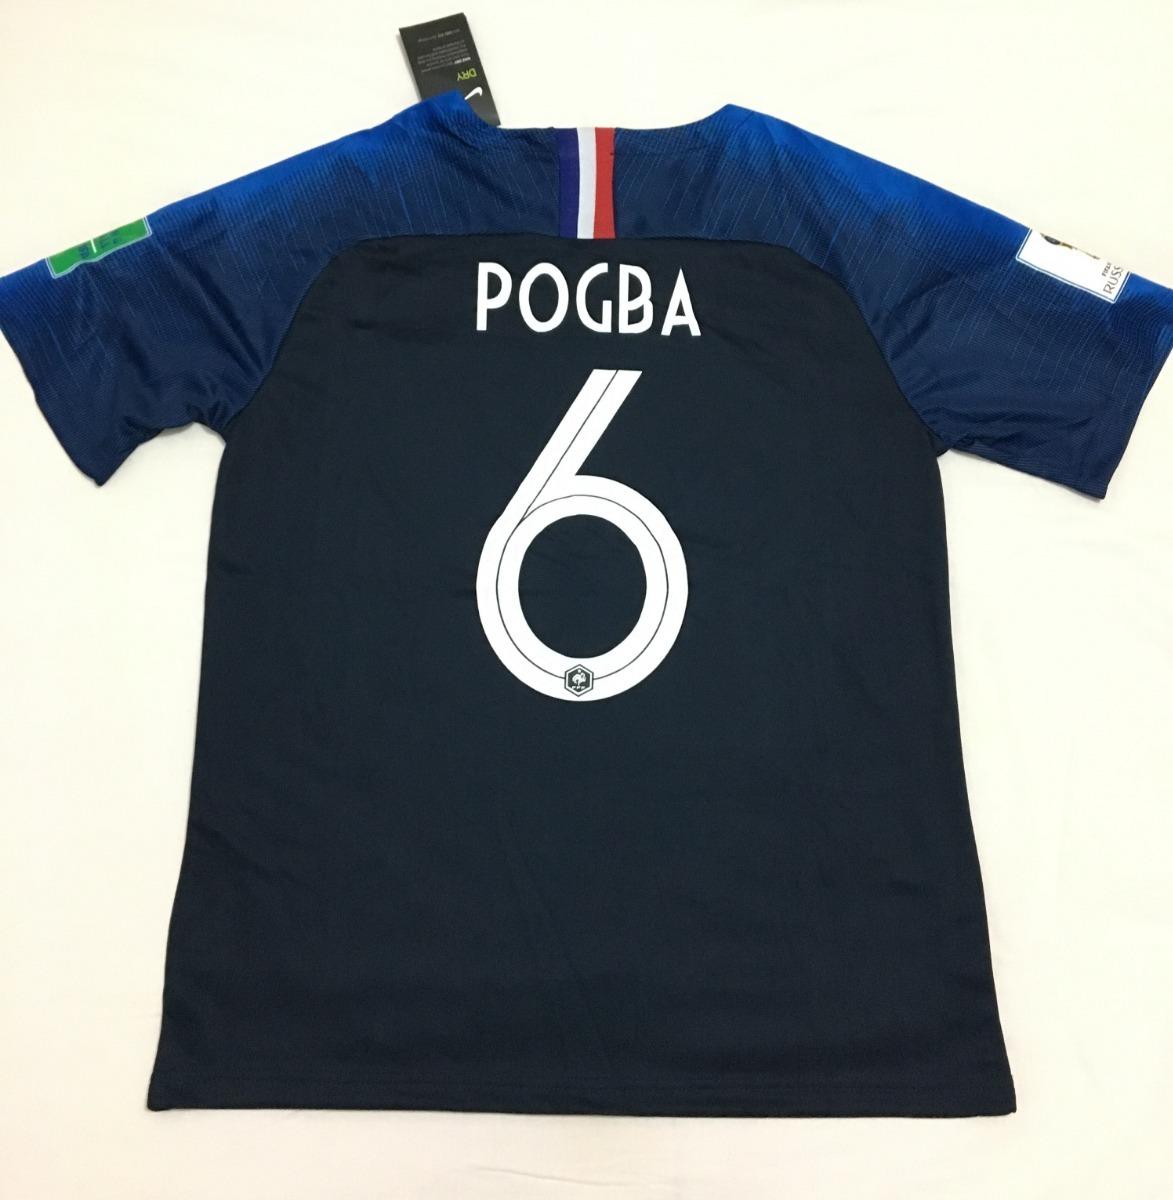 Camisa+calção+meião França copa Do Mundo pogba adulto - R  155 7f0a0a84b92d4